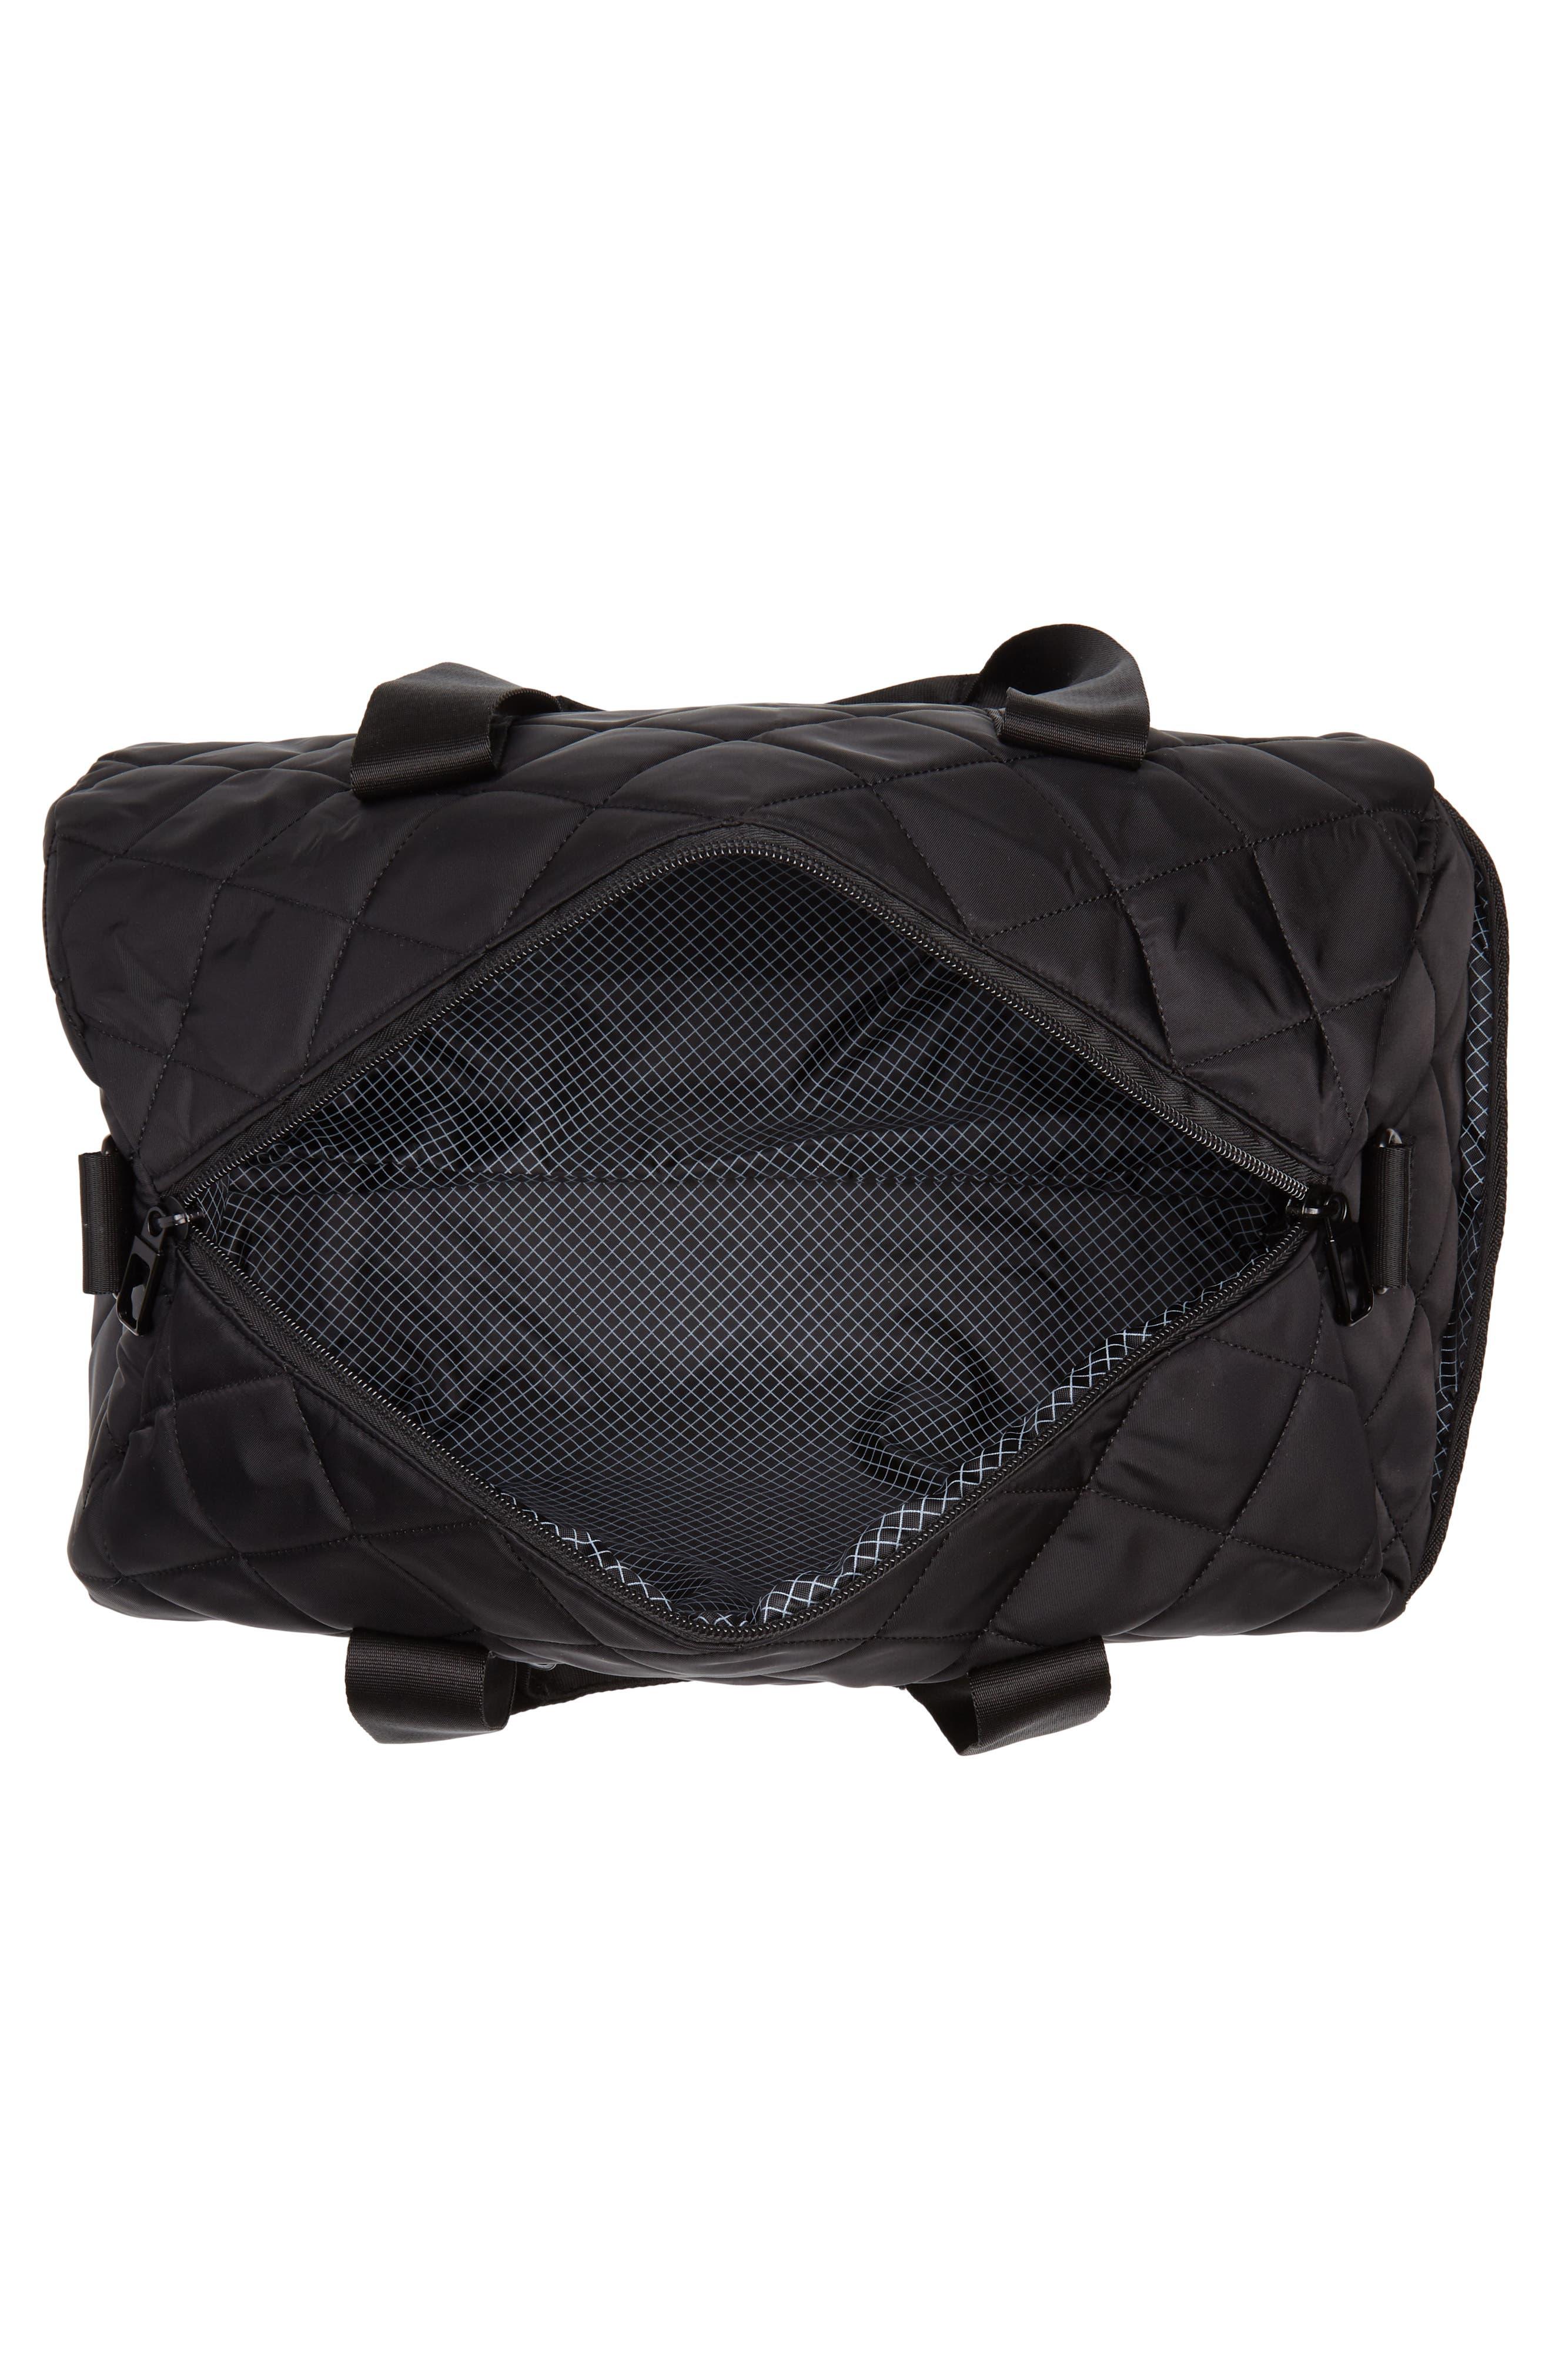 Roadie Small Duffel Bag,                             Alternate thumbnail 4, color,                             001